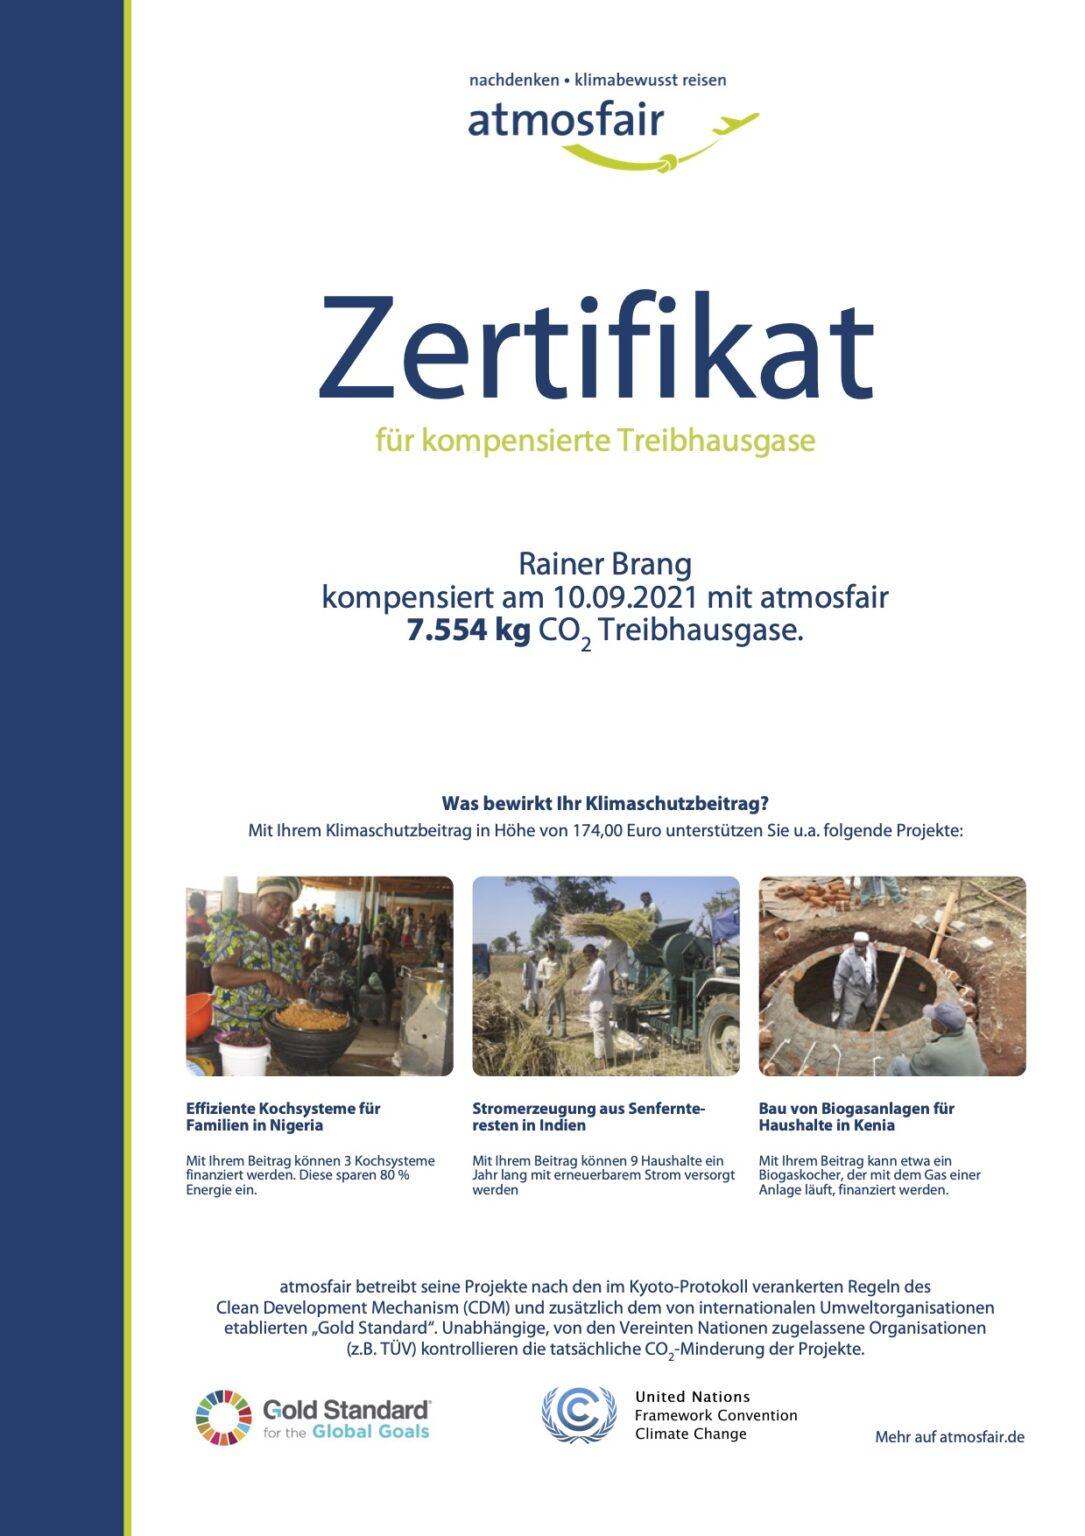 Atmosfair Zertifikat für CO2 Kompensation eines Linienflugs